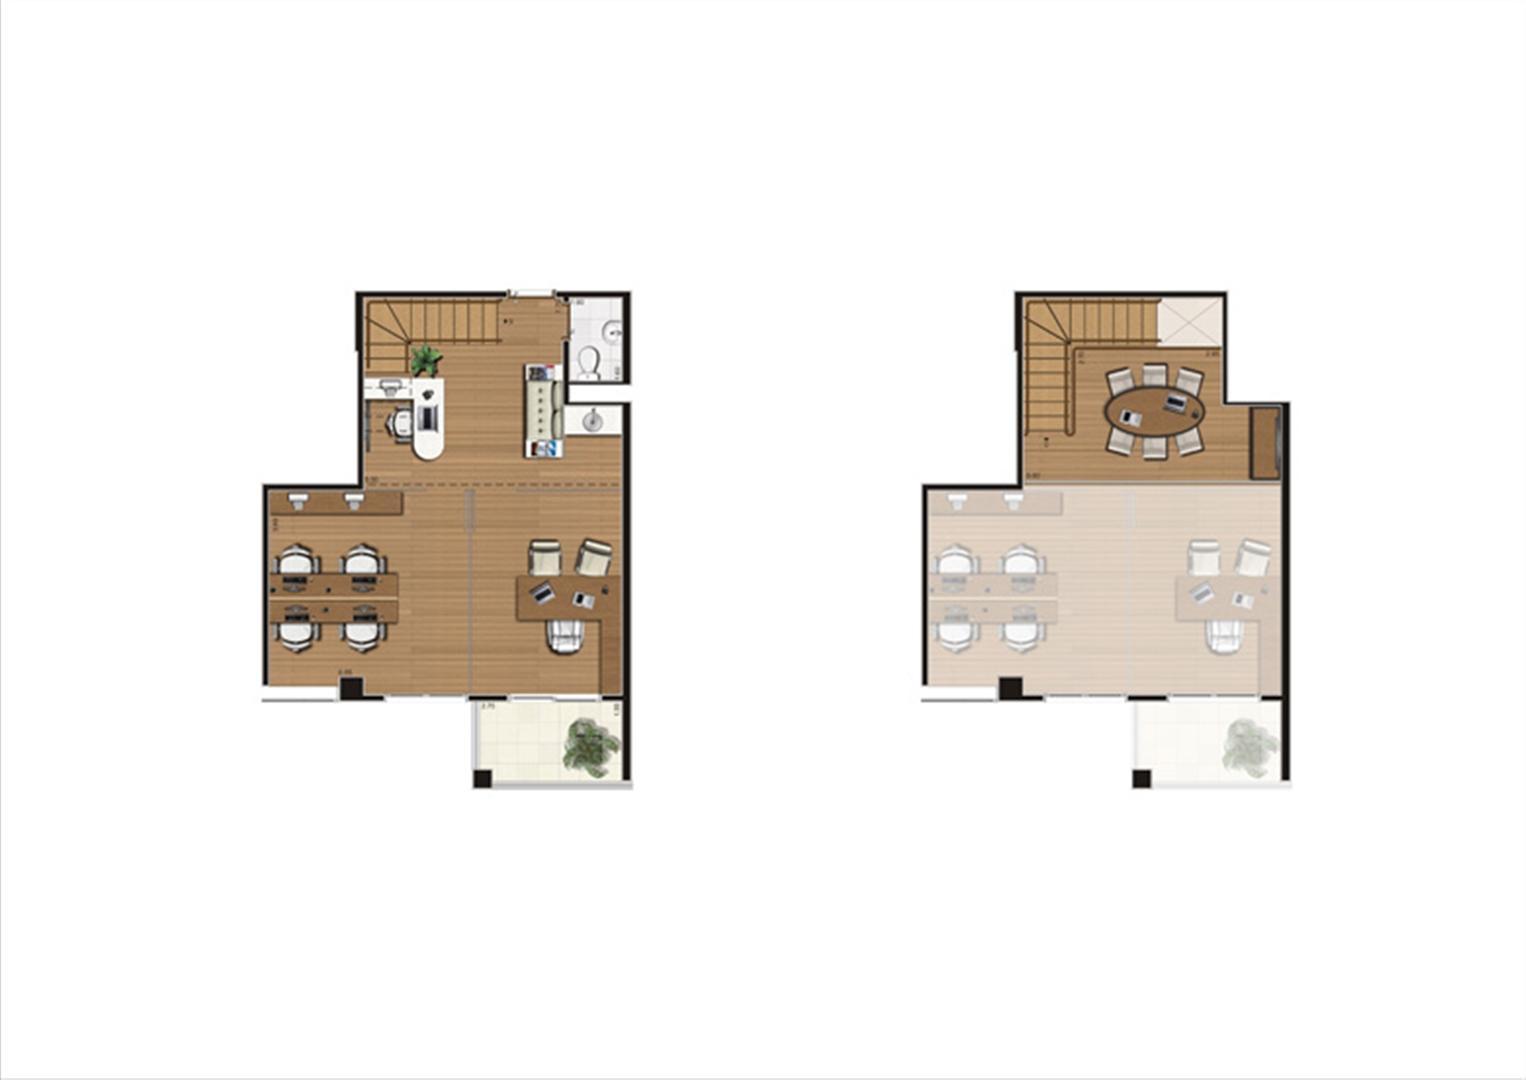 Duplex de 67 m²  Finais 1, 9, 10 e 24 | Luzes da Mooca - Atrio Giorno – Salas Comerciais na  Mooca - São Paulo - São Paulo